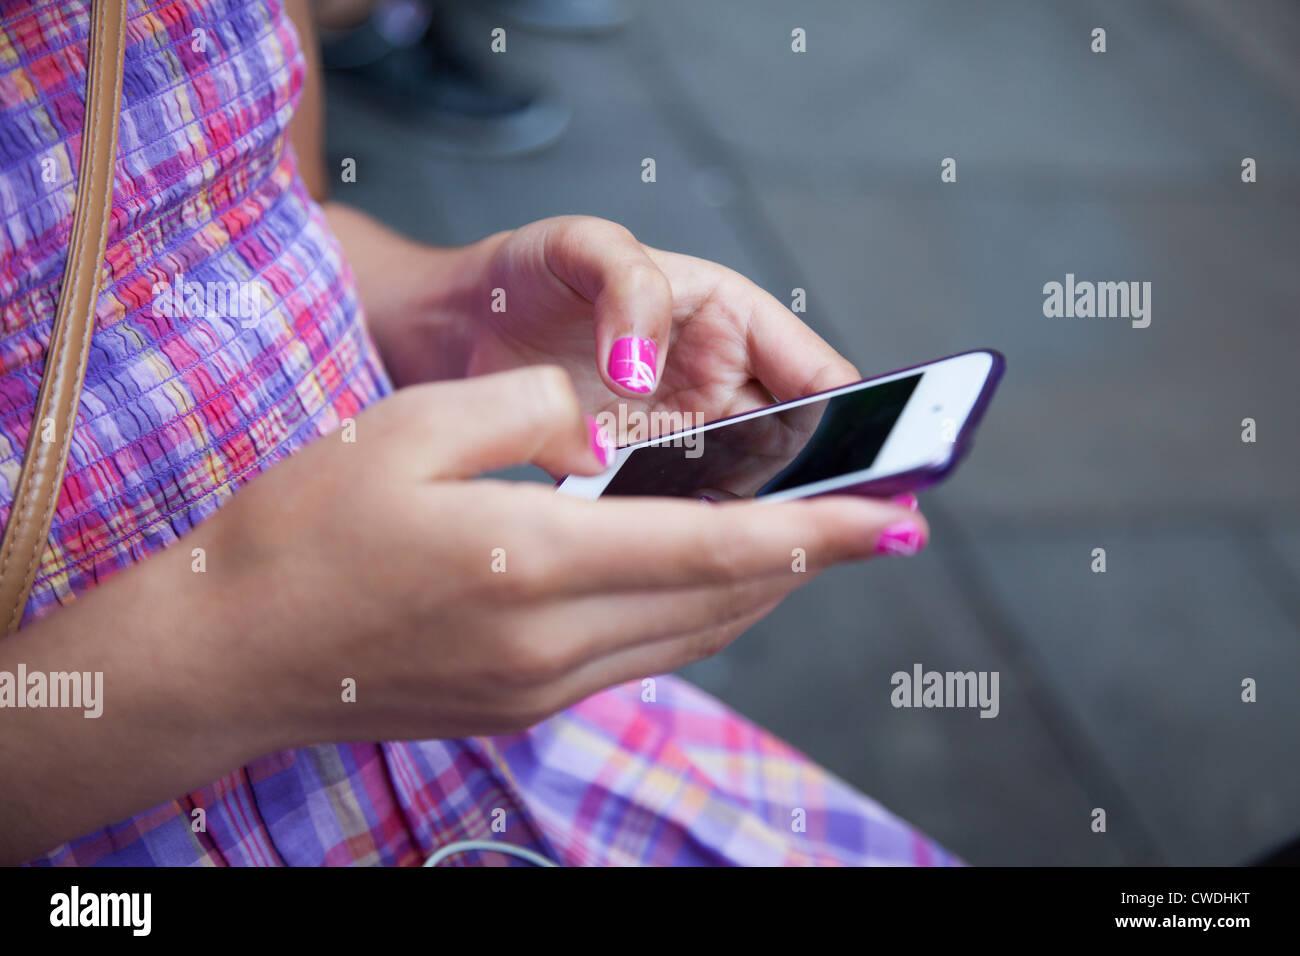 Junges Mädchen mit lackierten Nägel sendet Nachricht auf Touch Screen smart Phone-Close-up Stockfoto